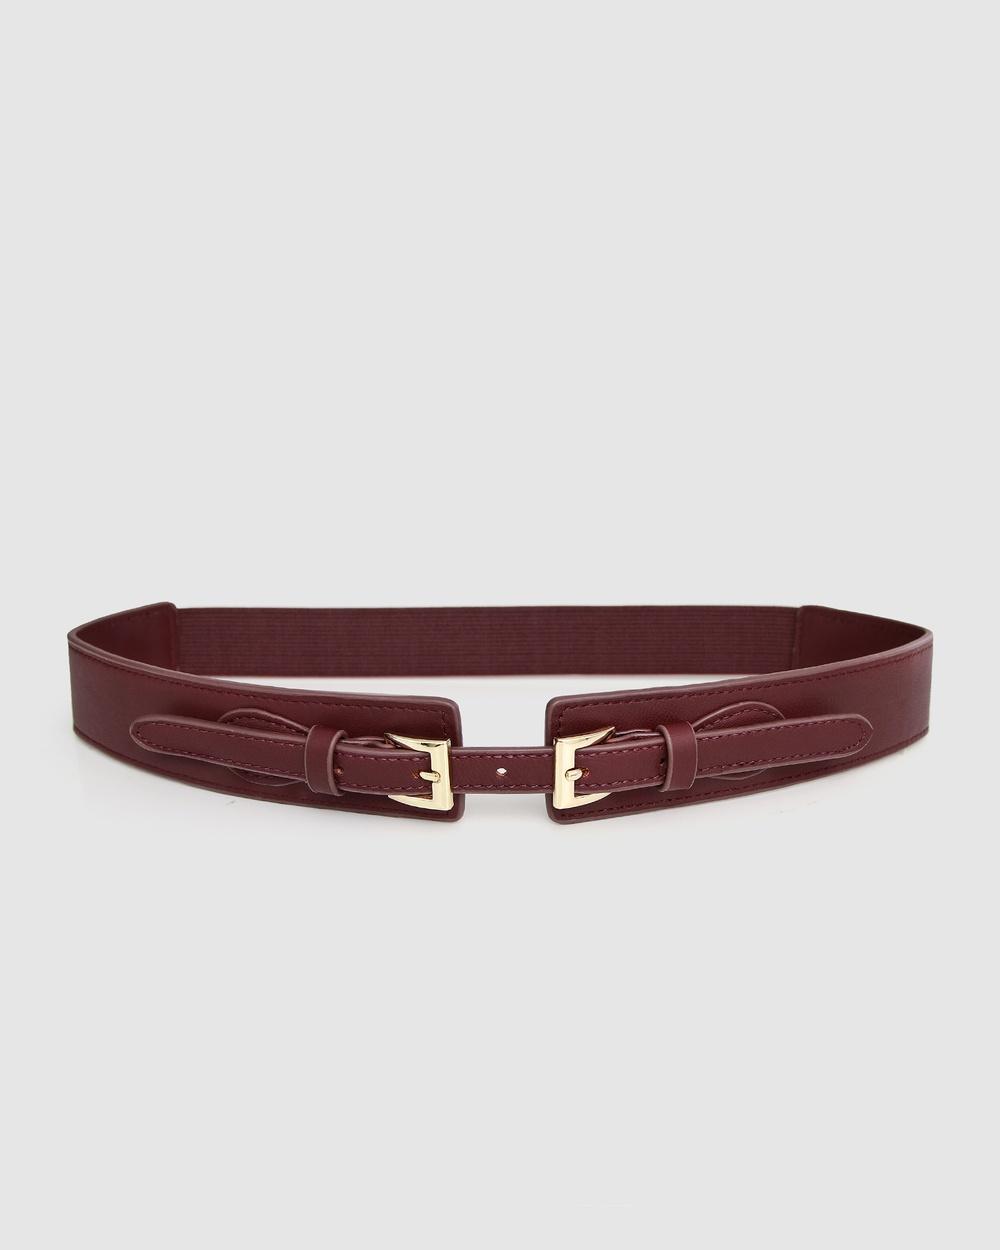 Belle & Bloom London Fog Leather Waist Belt Belts Wine